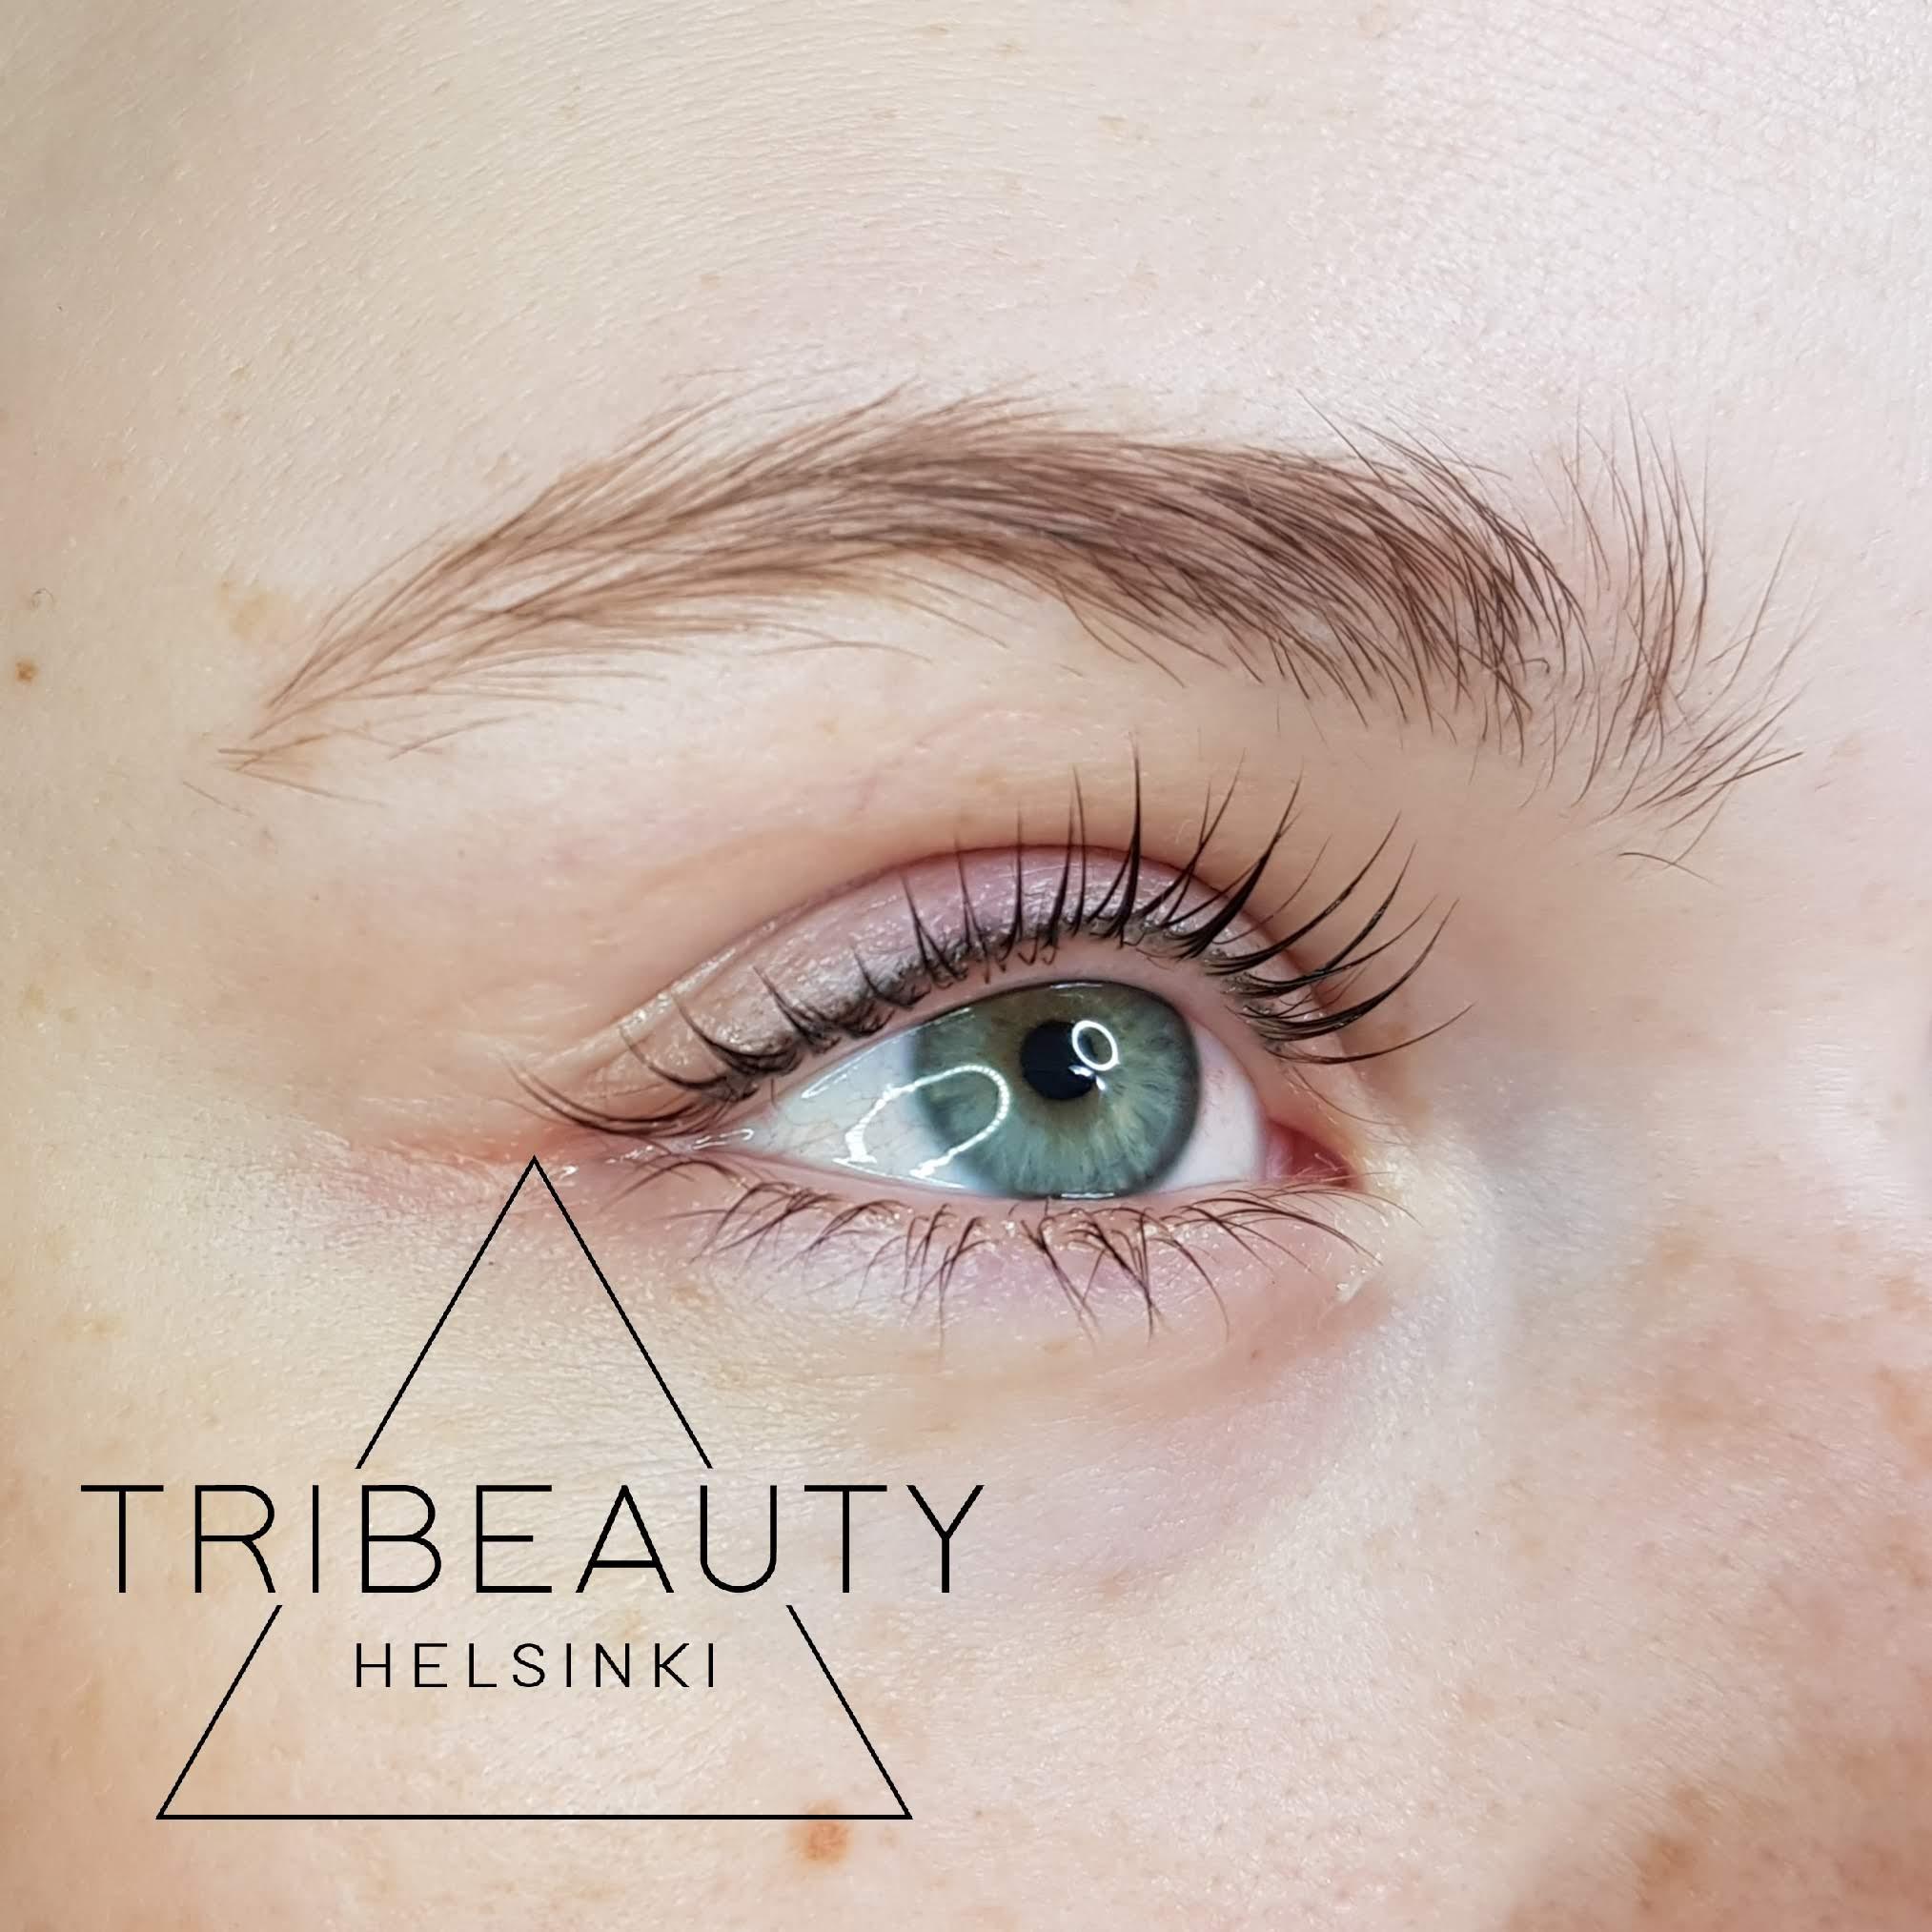 3 vuotta aiemmin tehty eyeliner pigmentointi yläluomella. Väri ei ole levinnyt tai muuttunut sinertäväksi, vaikka selvää haalistumista näkyy.